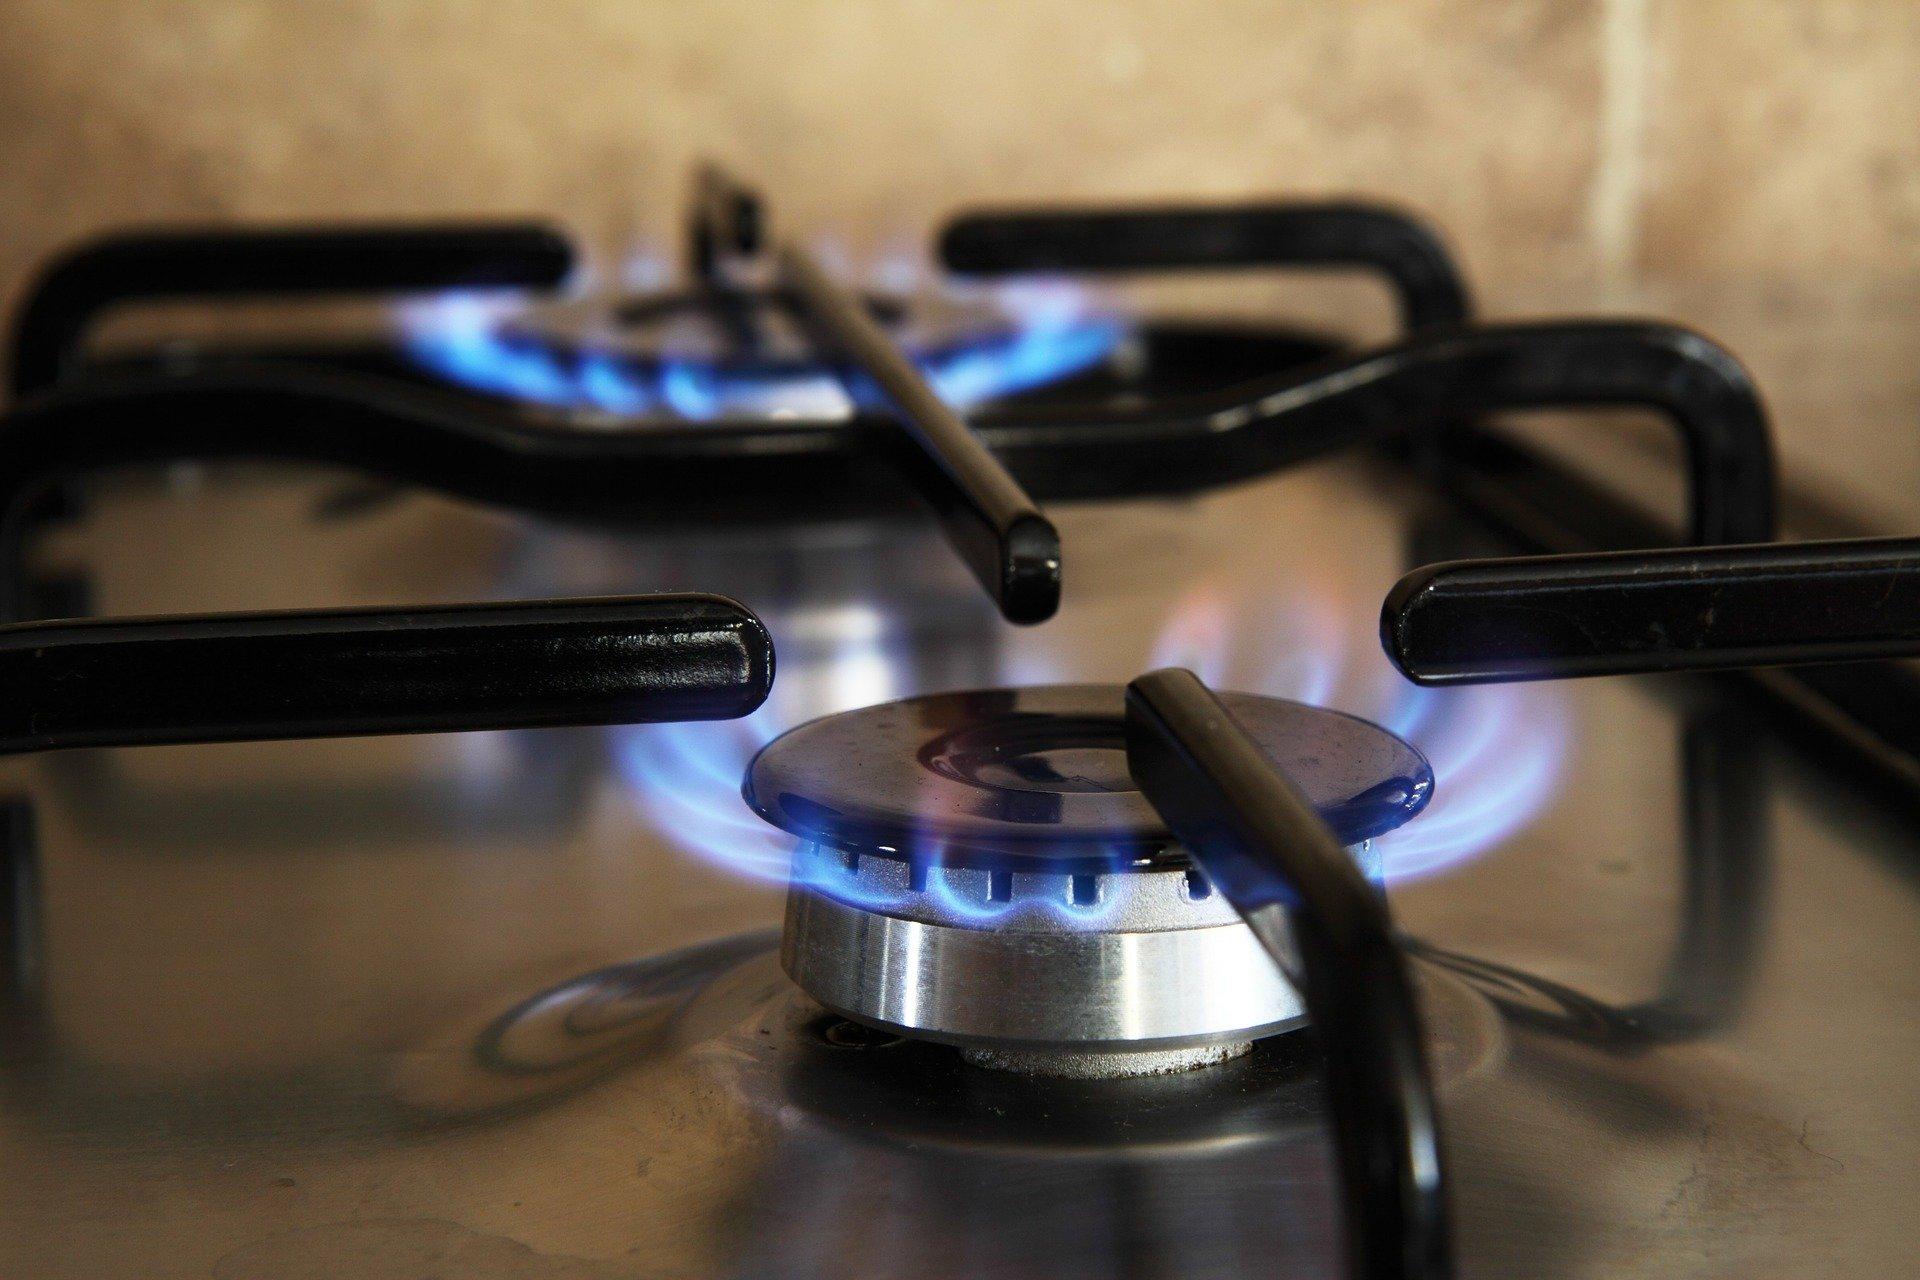 scegliere-fornitore-gas